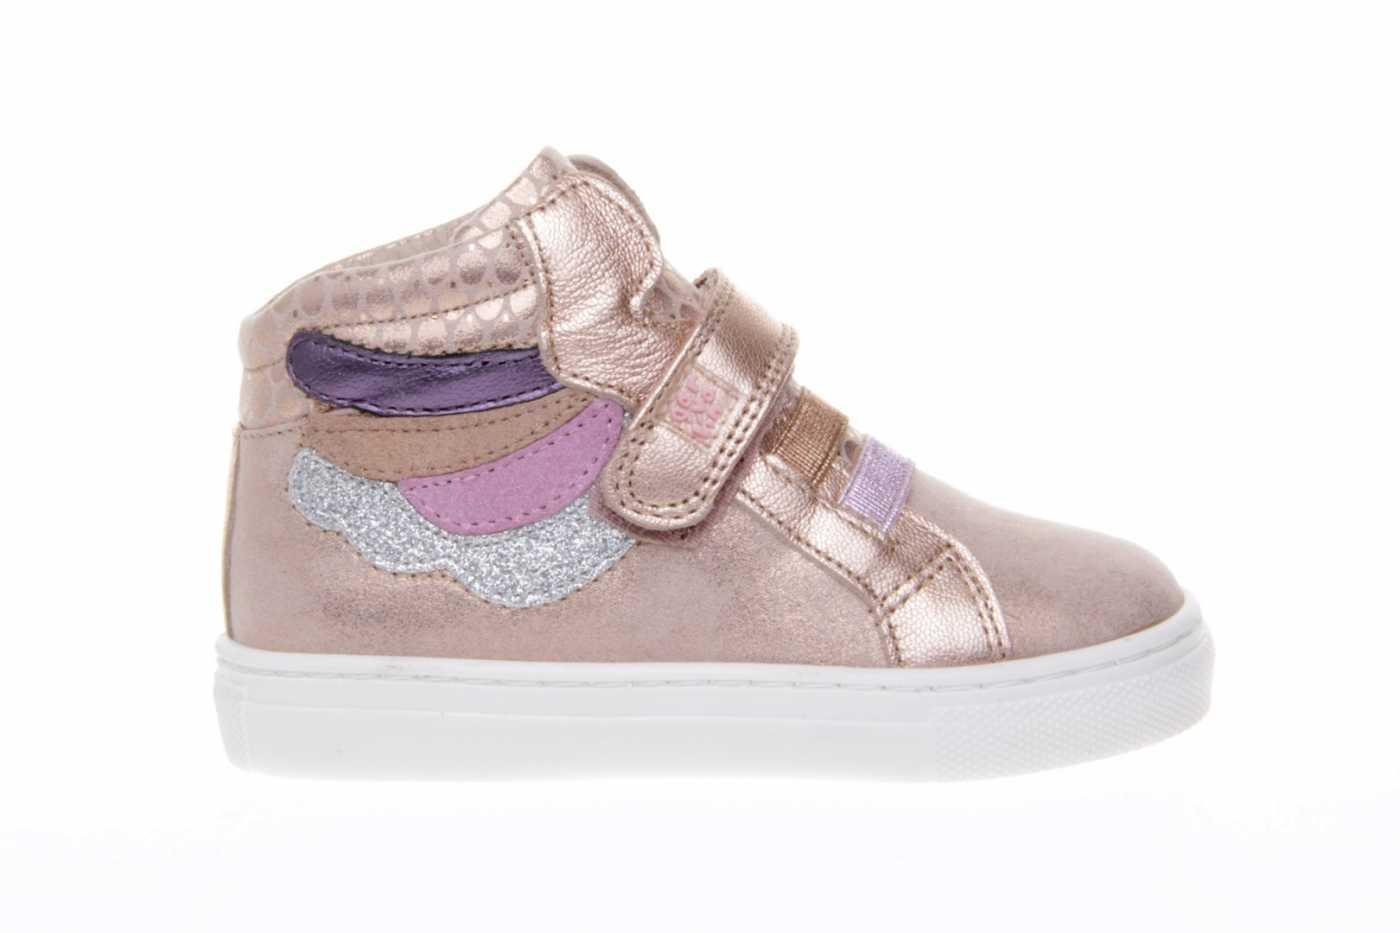 b7ae372665 Comprar zapato tipo JOVEN NIÑA estilo BOTINES-BOTA ALTA COLOR ROSA ...